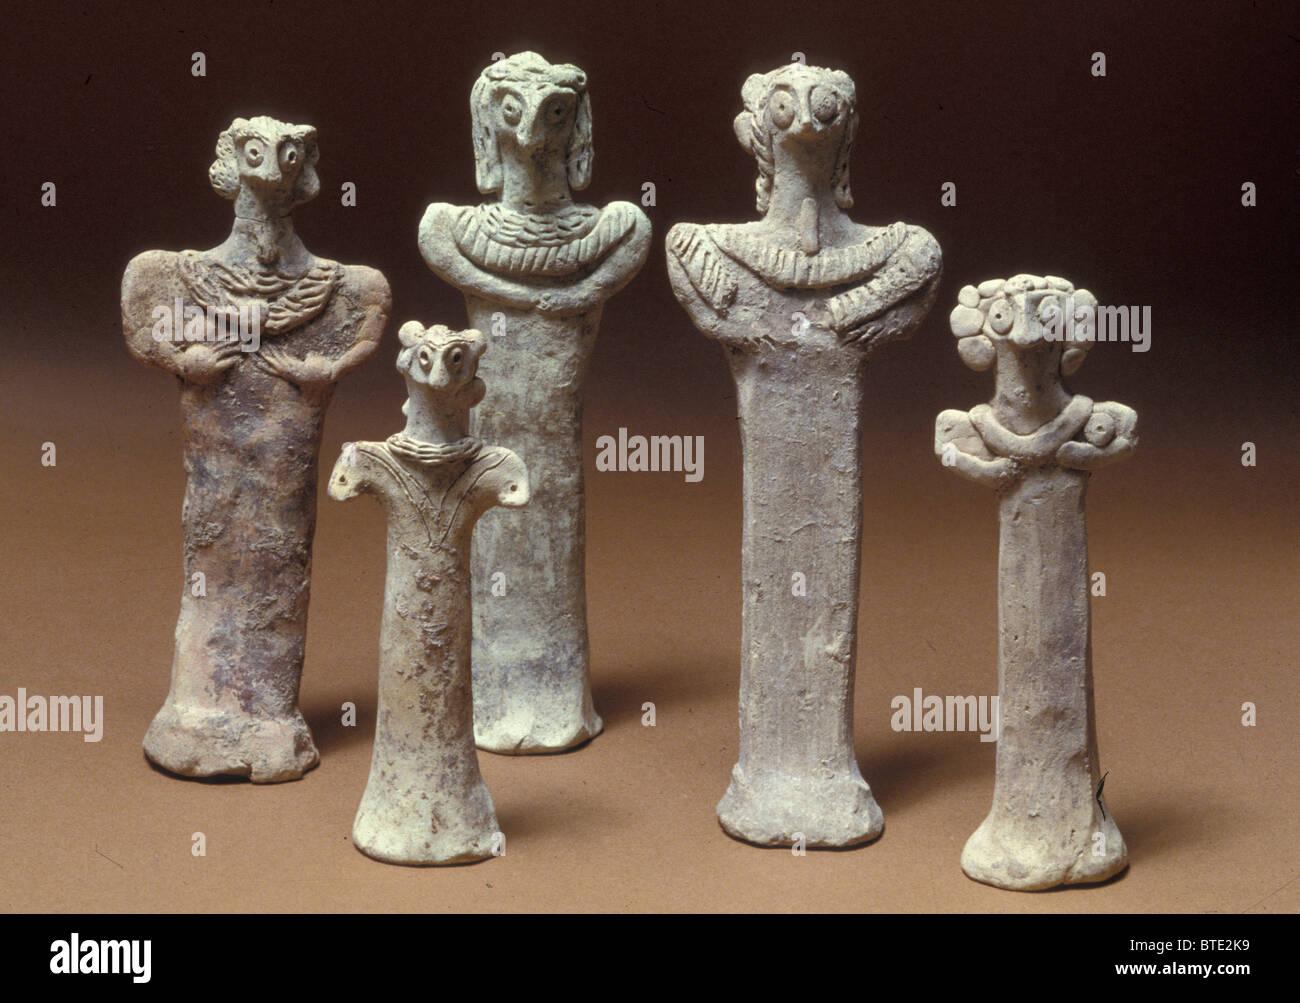 5467- Rachele aveva rubato le immagini degli idoli che appartenevano al padre... Ora Rachele aveva preso le immagini Immagini Stock